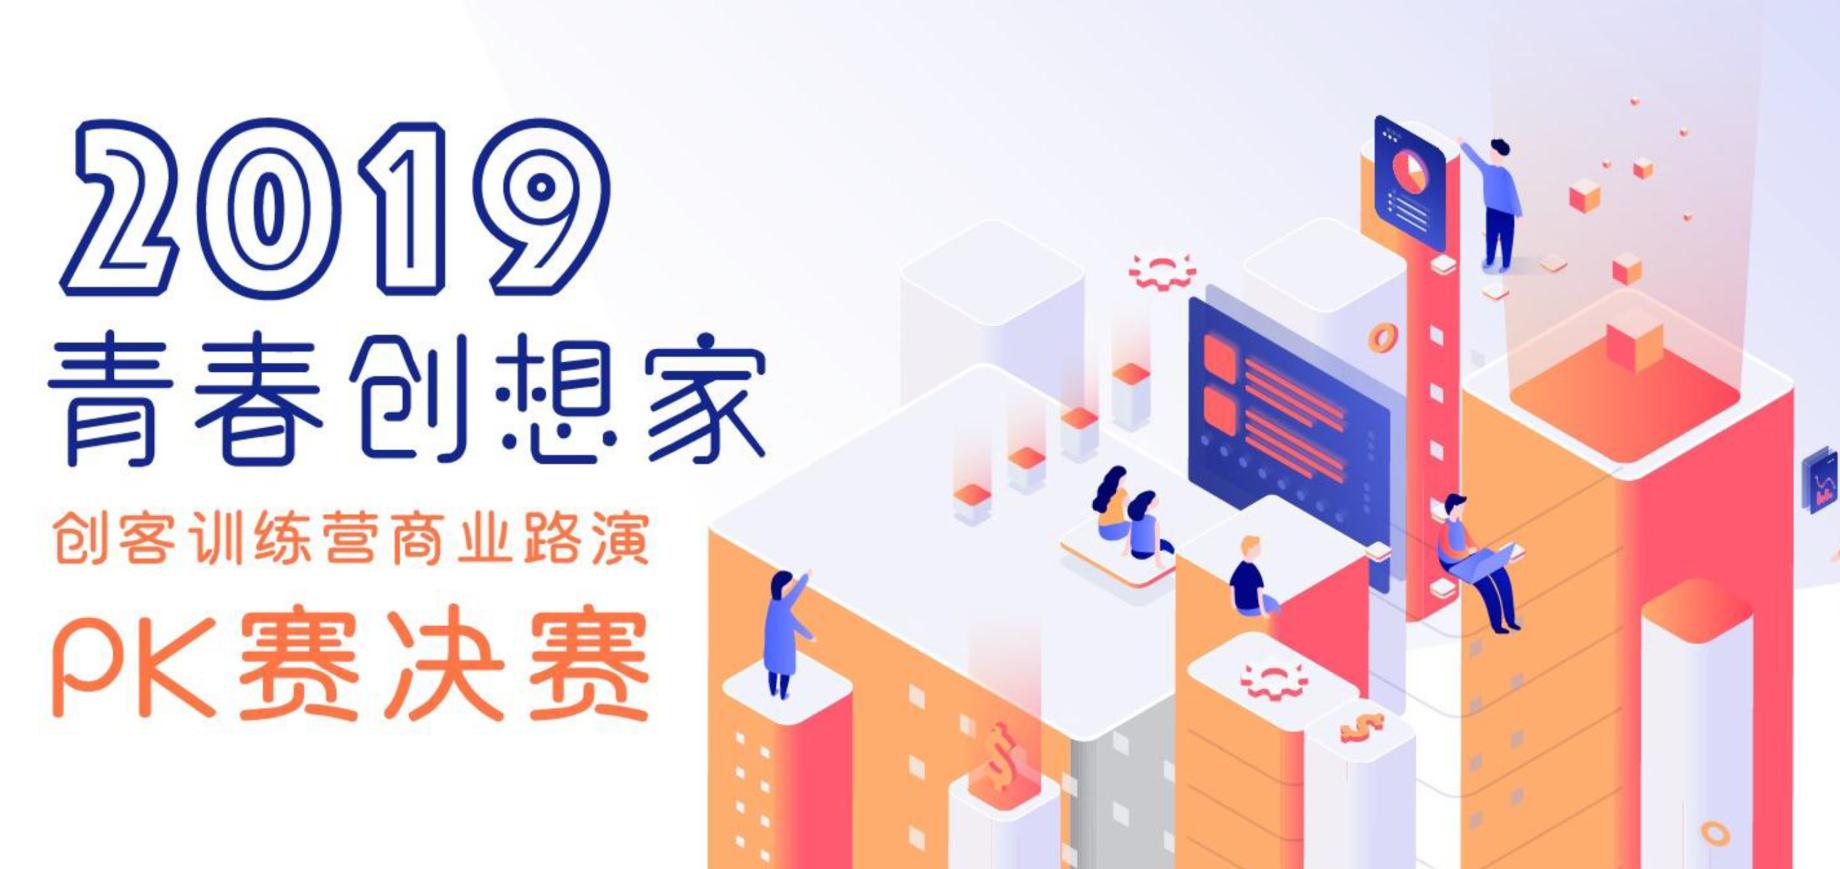 690吧直播·2019青春创想家·创客训练营商业路演PK赛决赛